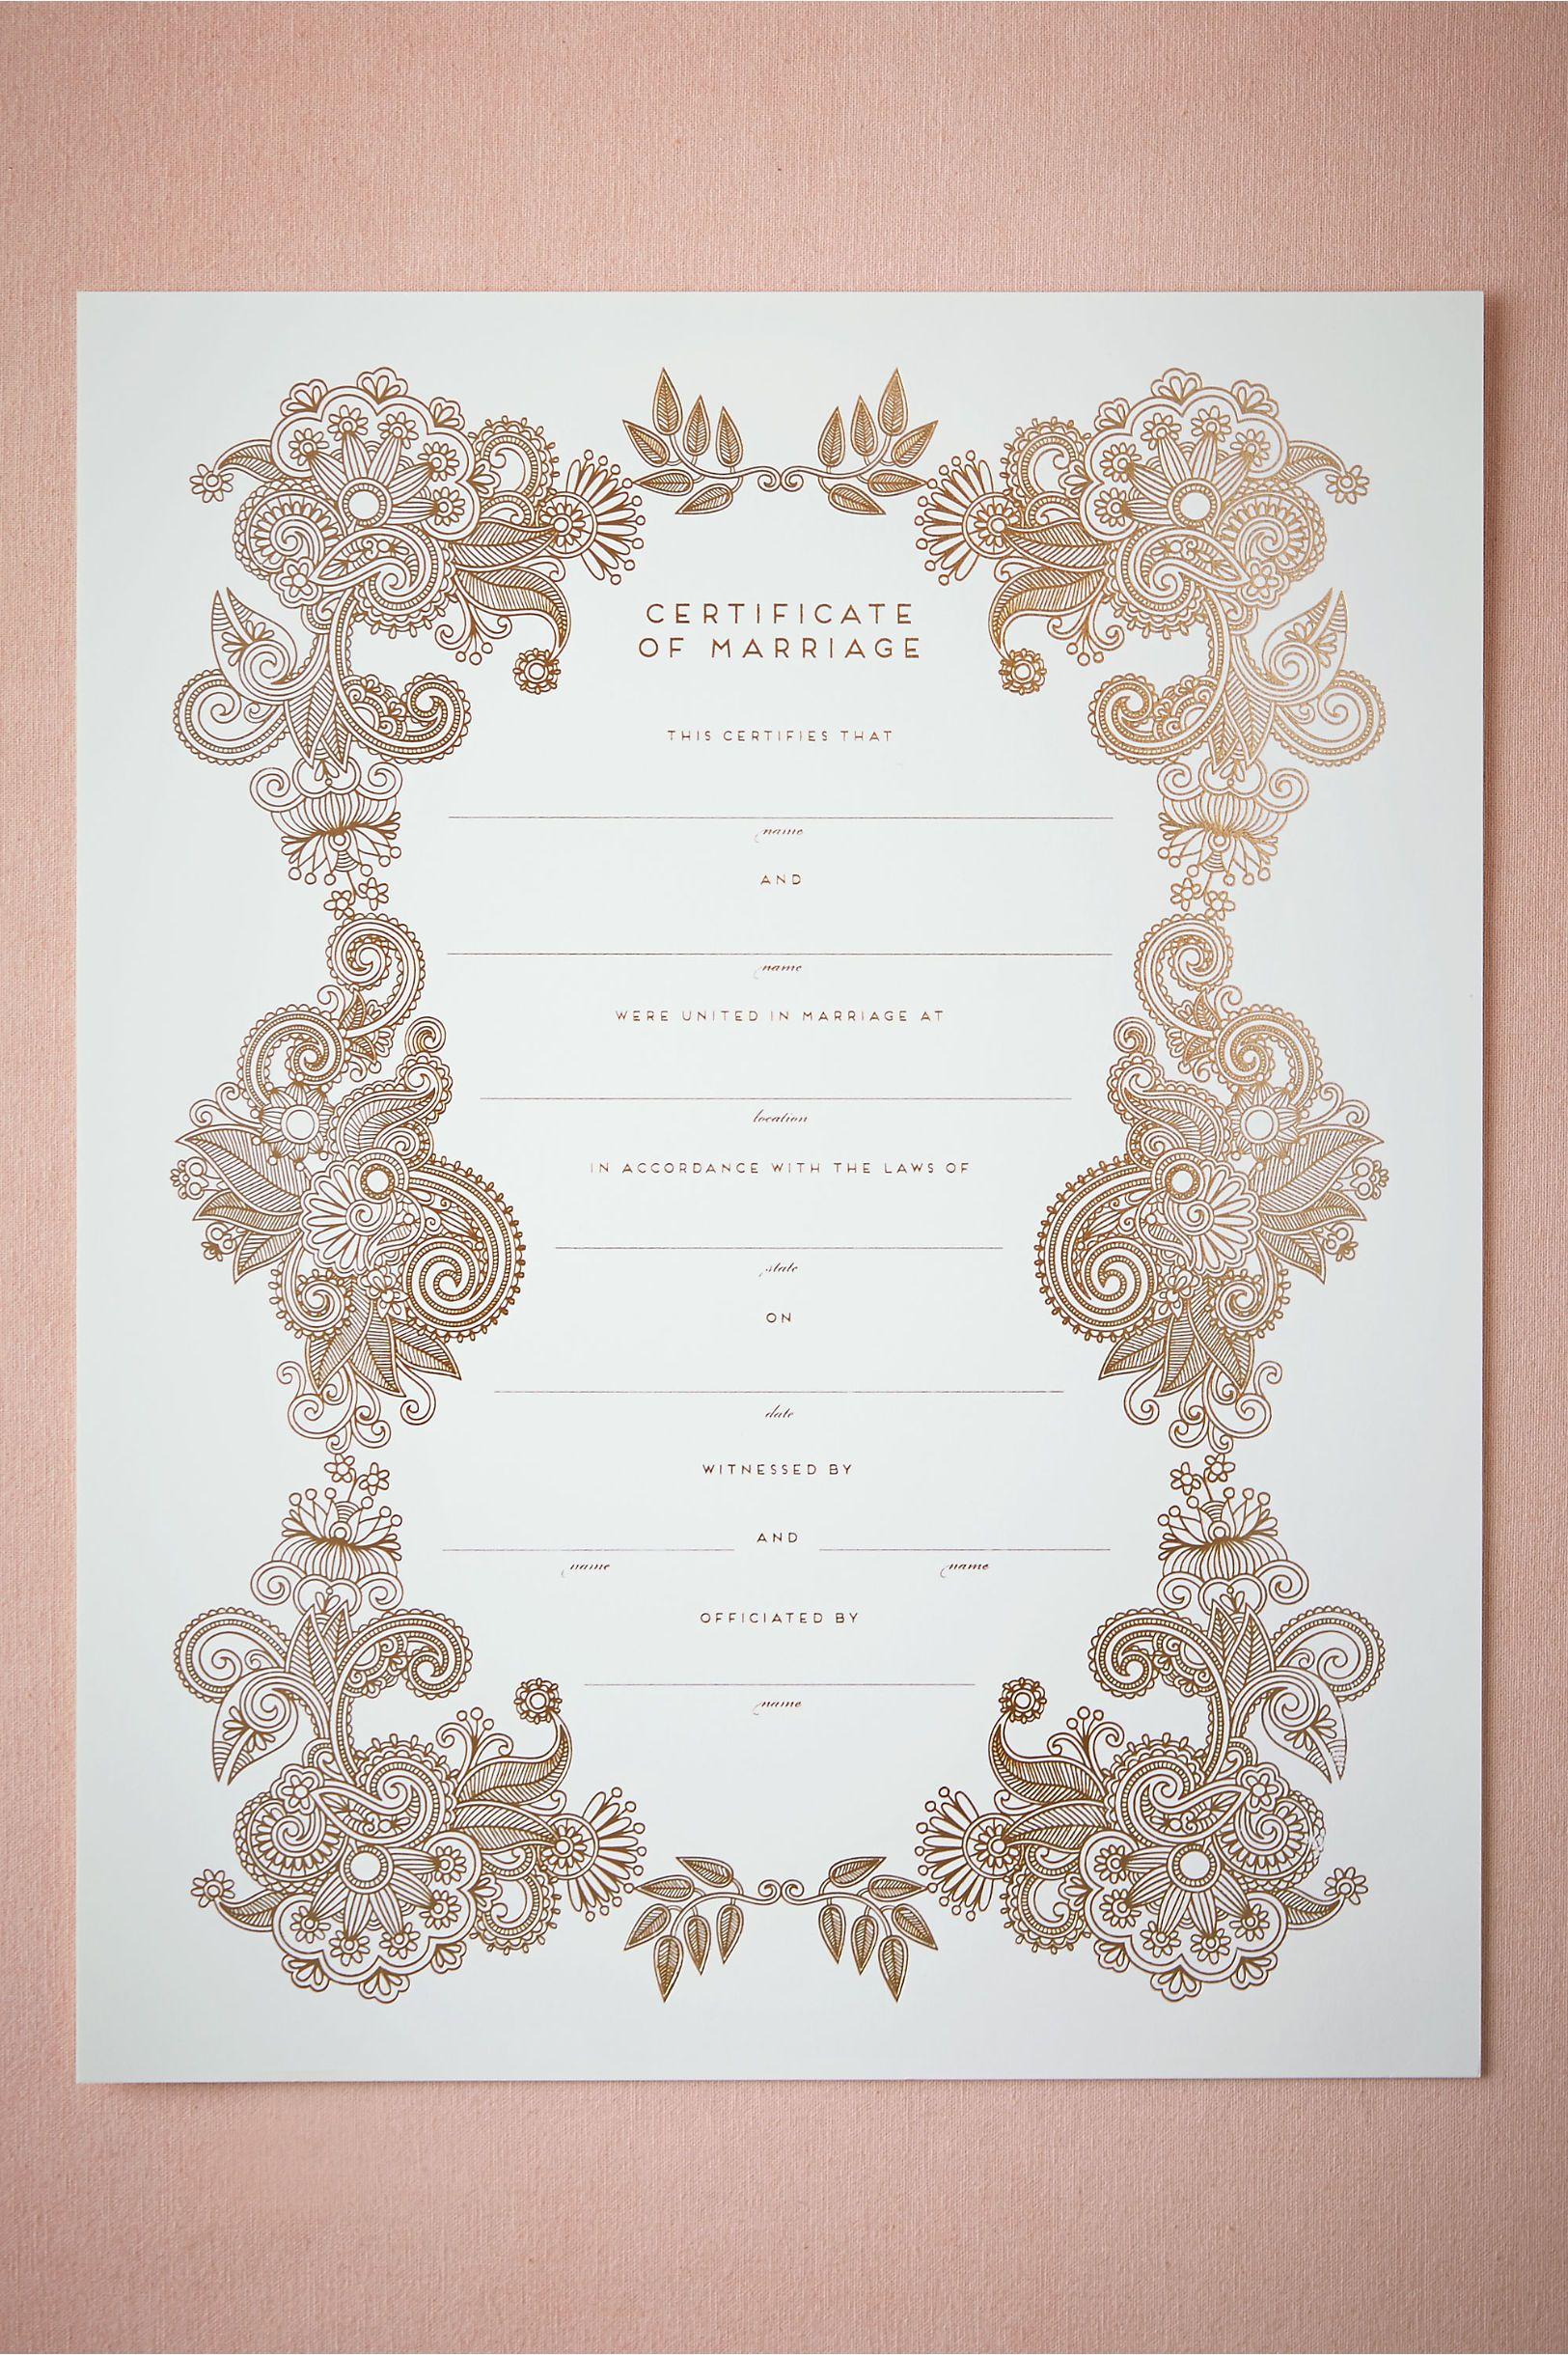 Keepsake Marriage Certificate from BHLDN Keepsake Marriage